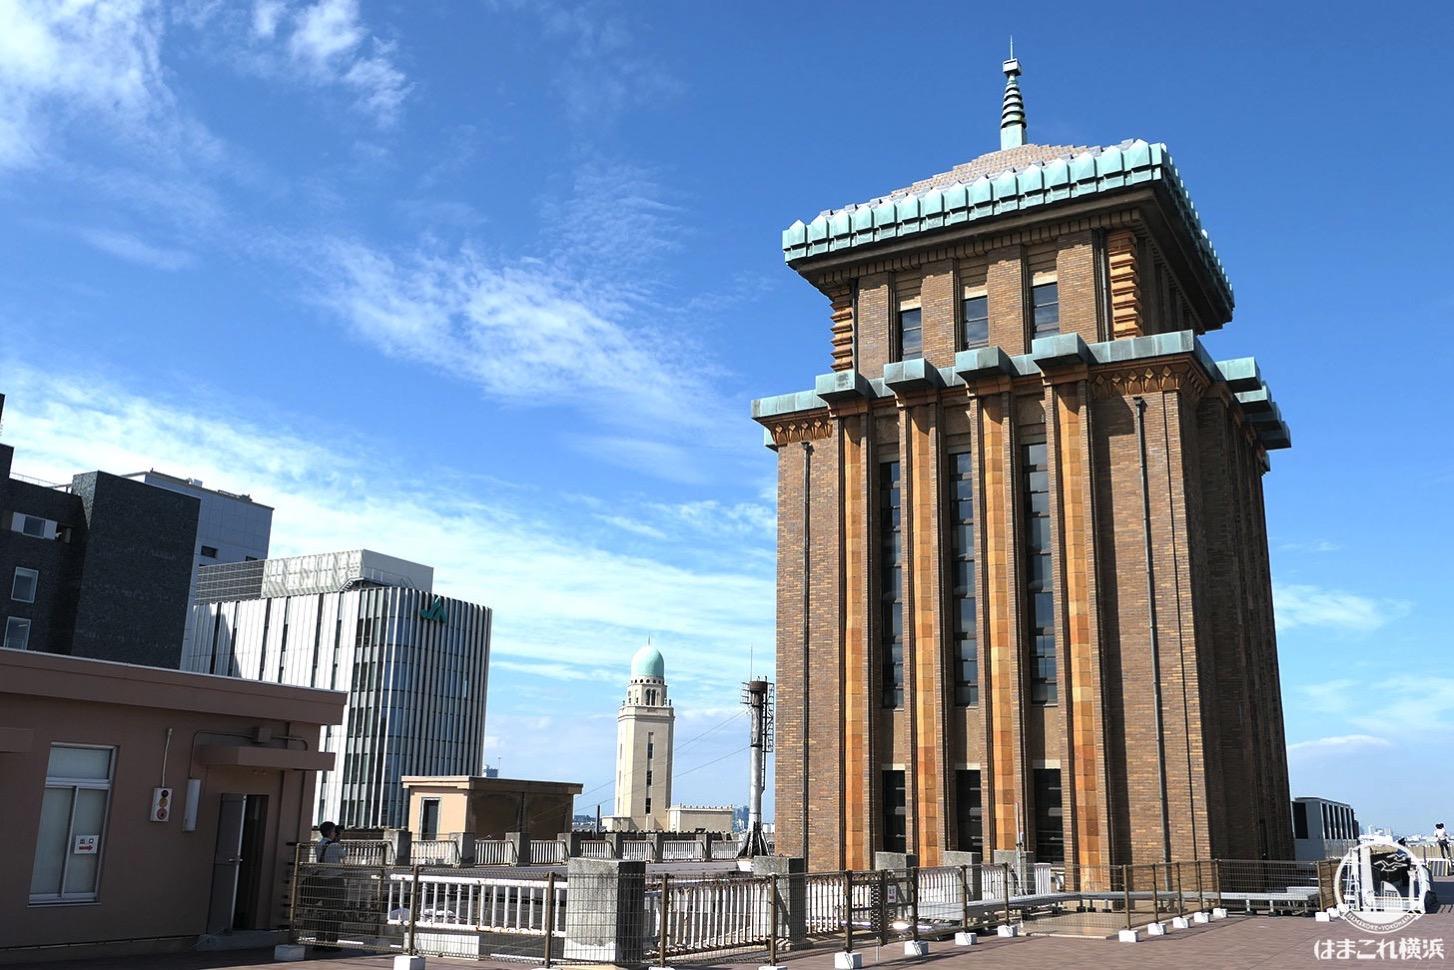 神奈川県庁本庁舎公開 屋上から見たキングの塔